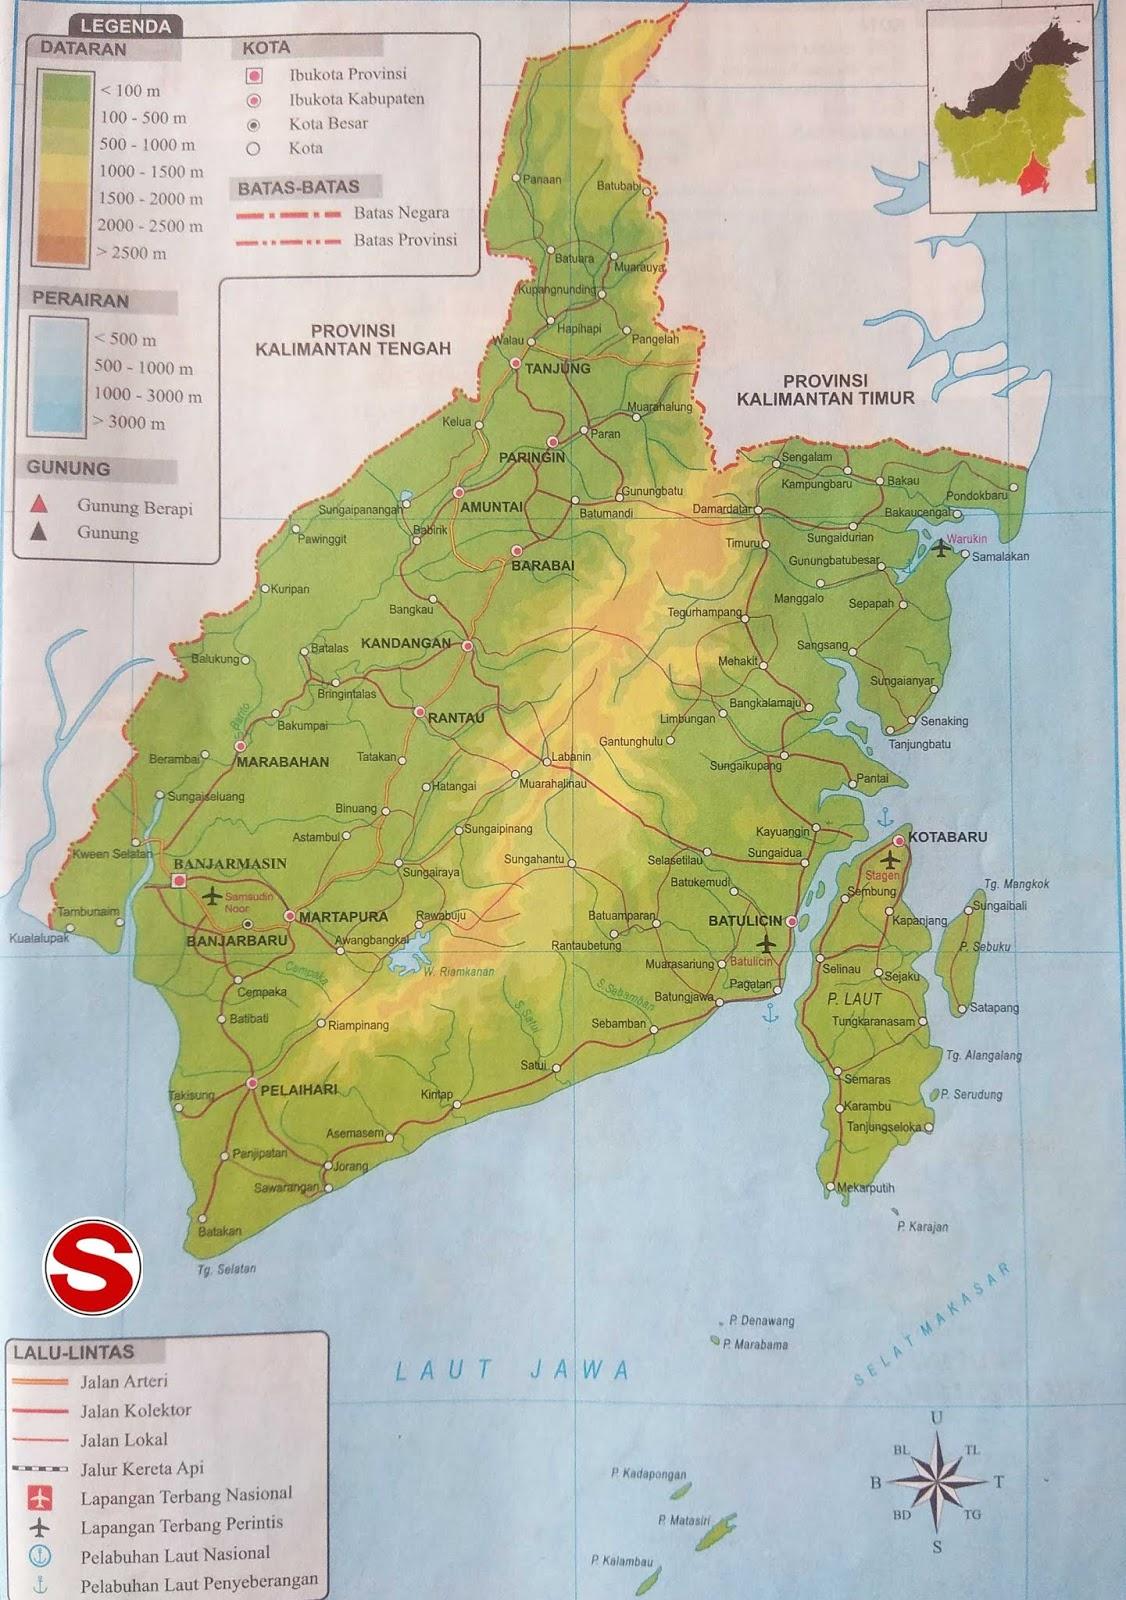 Peta Atlas Provinsi Kalimantan Selatan di bawah ini mencakup peta dataran Peta Atlas Provinsi Kalimantan Selatan